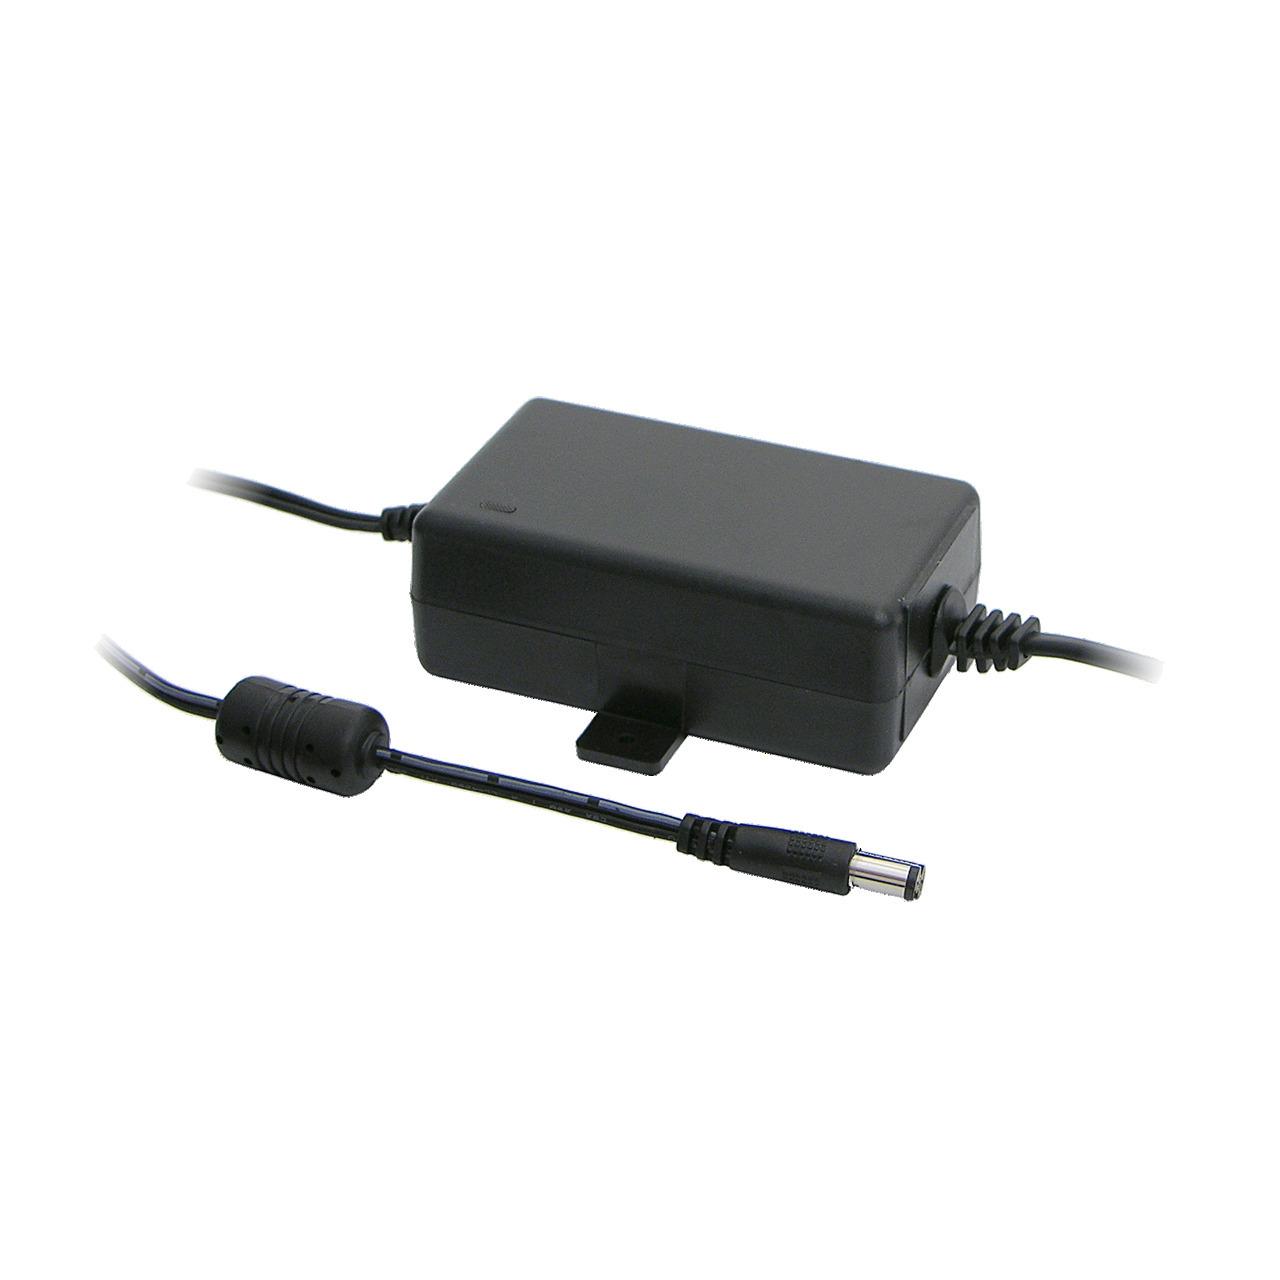 Pulsar Kamera-Schaltnetzteil 12 V DC PSD12020- 5-5 x 2-1 mm